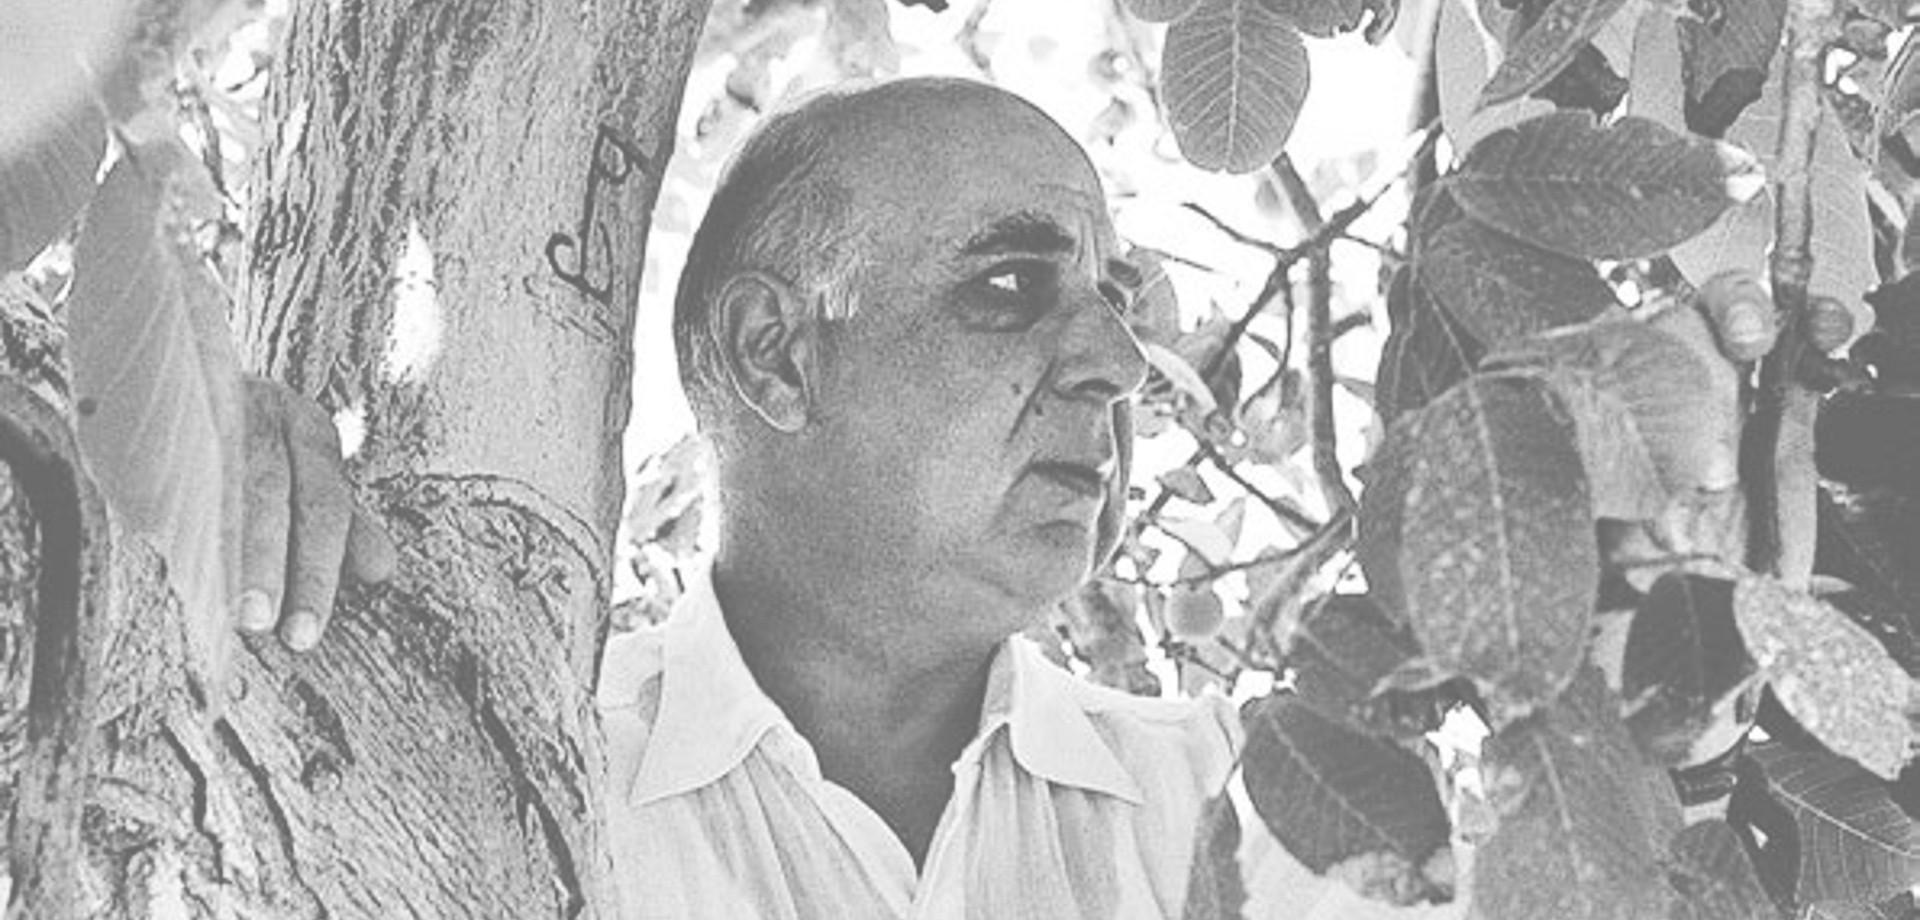 Φάνης Κωστόπουλος: Στο συρτάρι του Σεφέρη